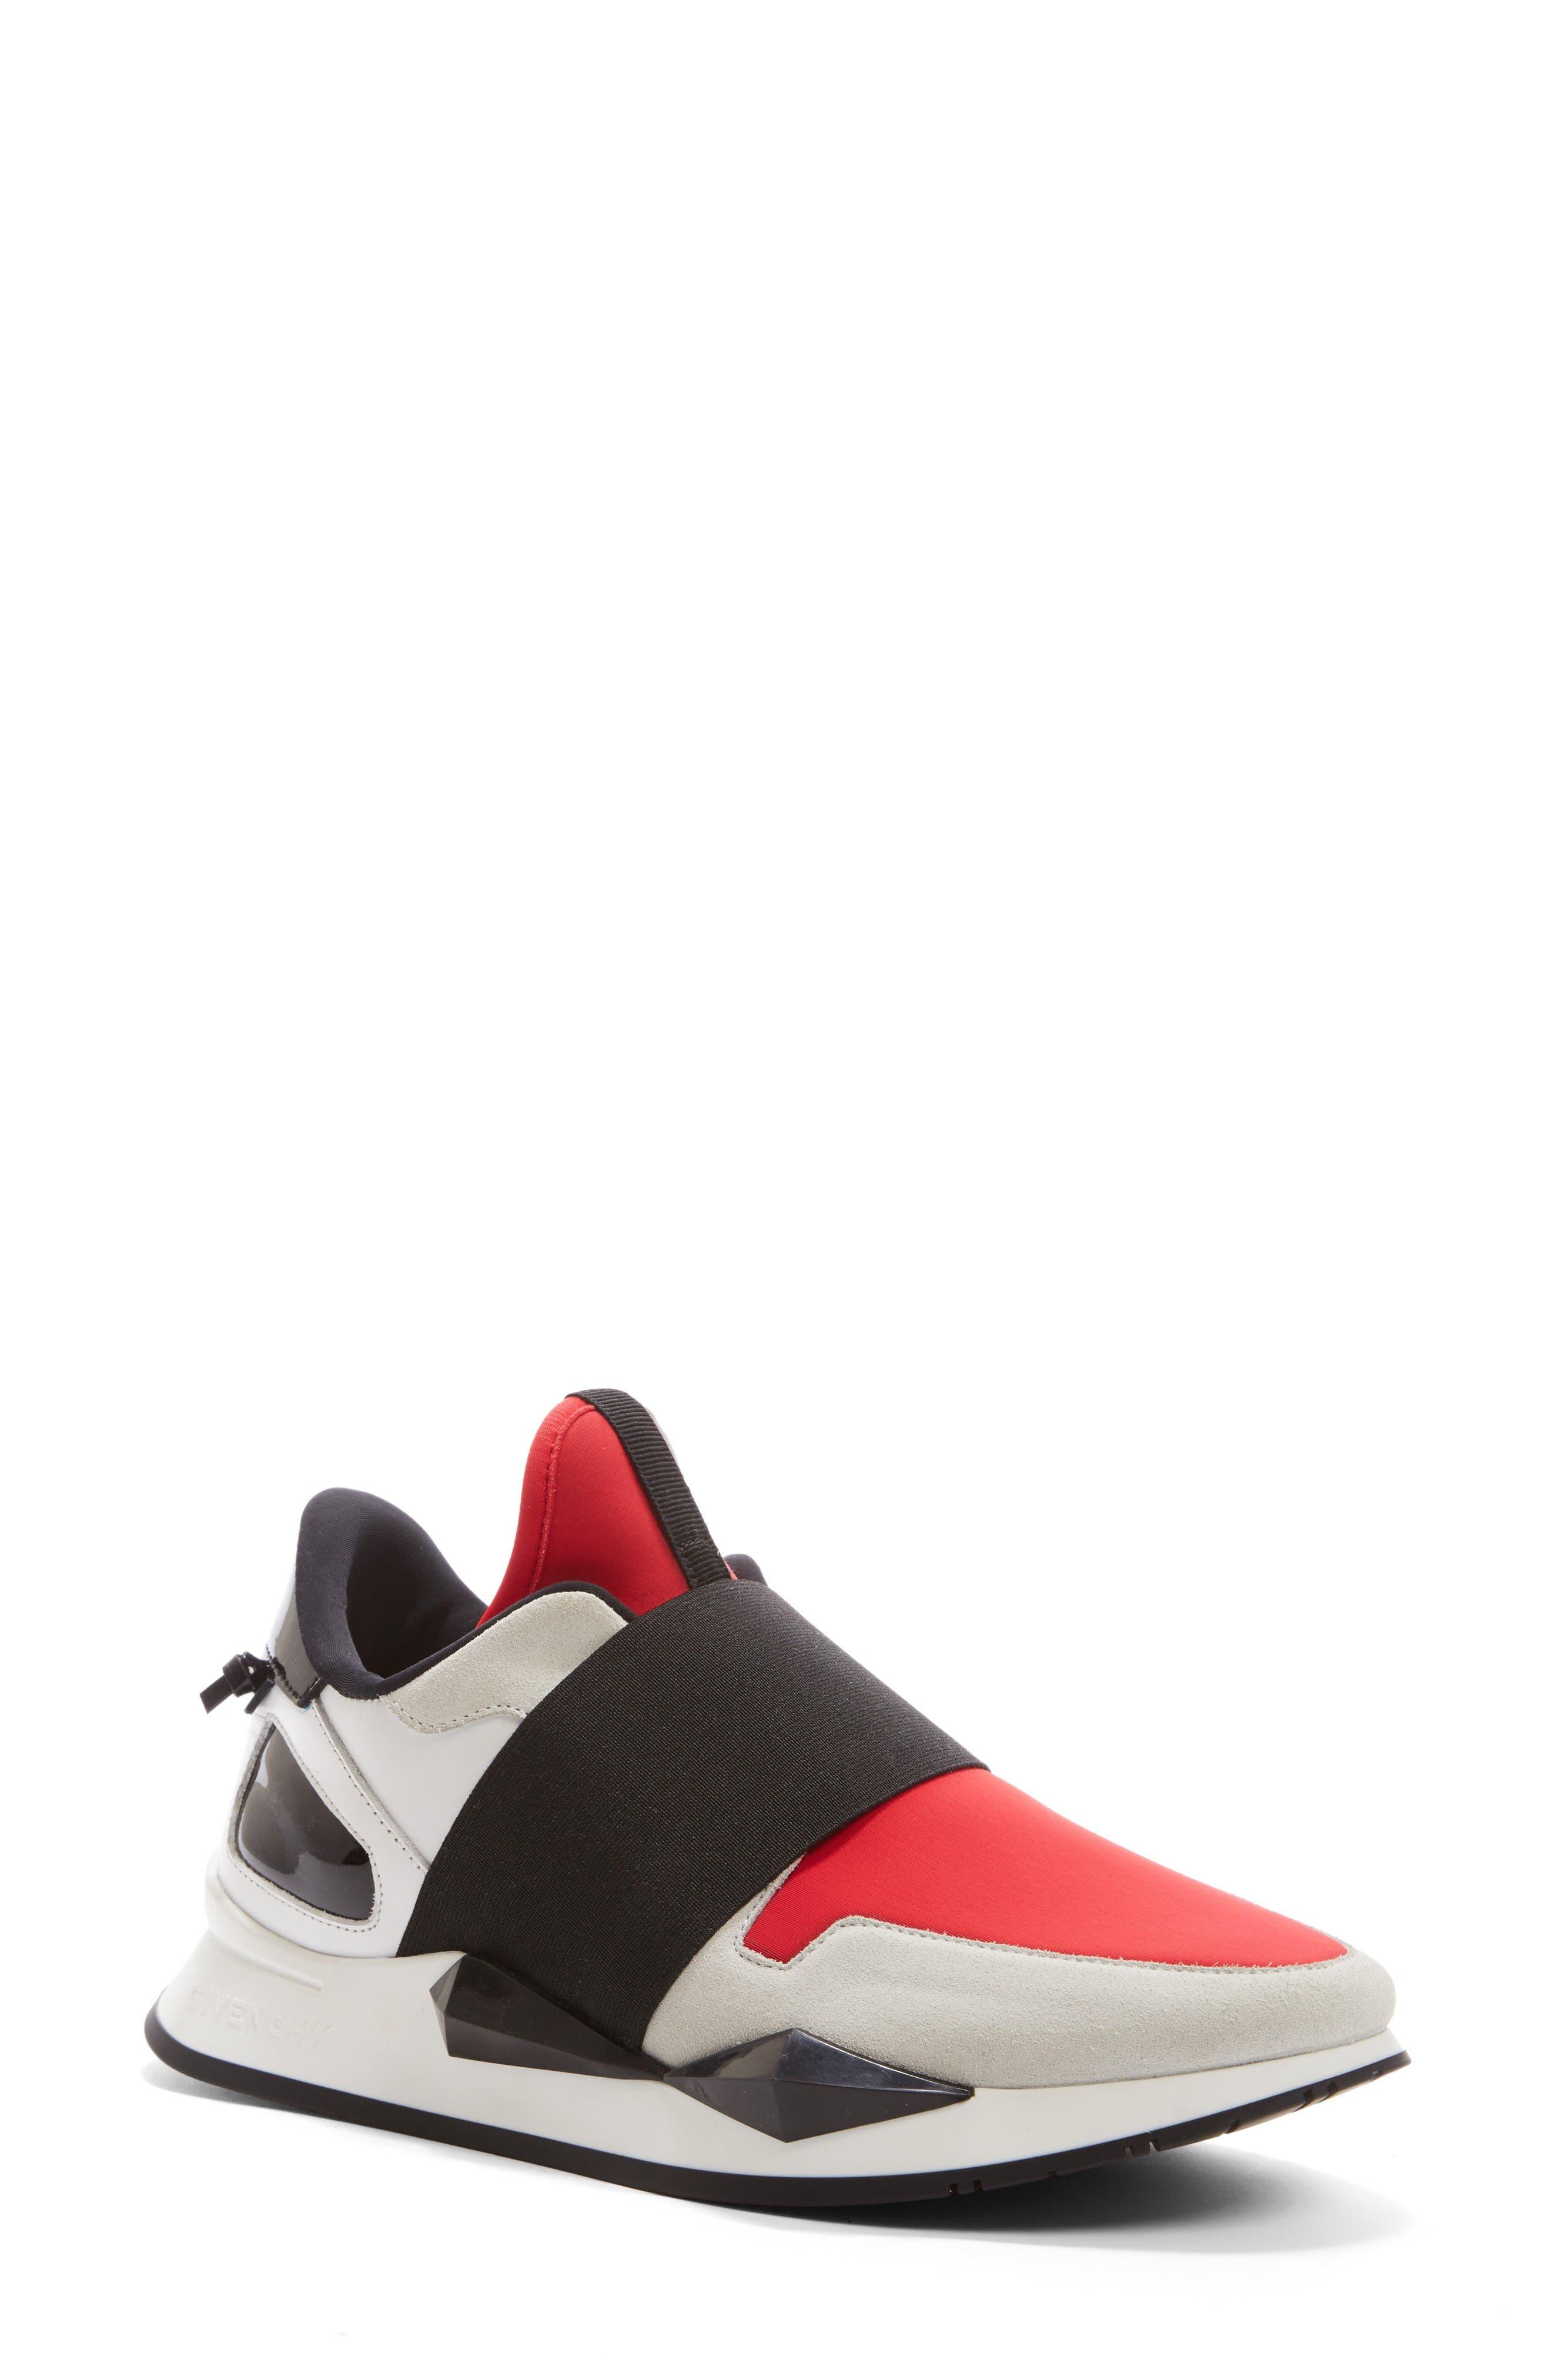 Givenchy Runner Elastic Slip-On Sneaker (Women)